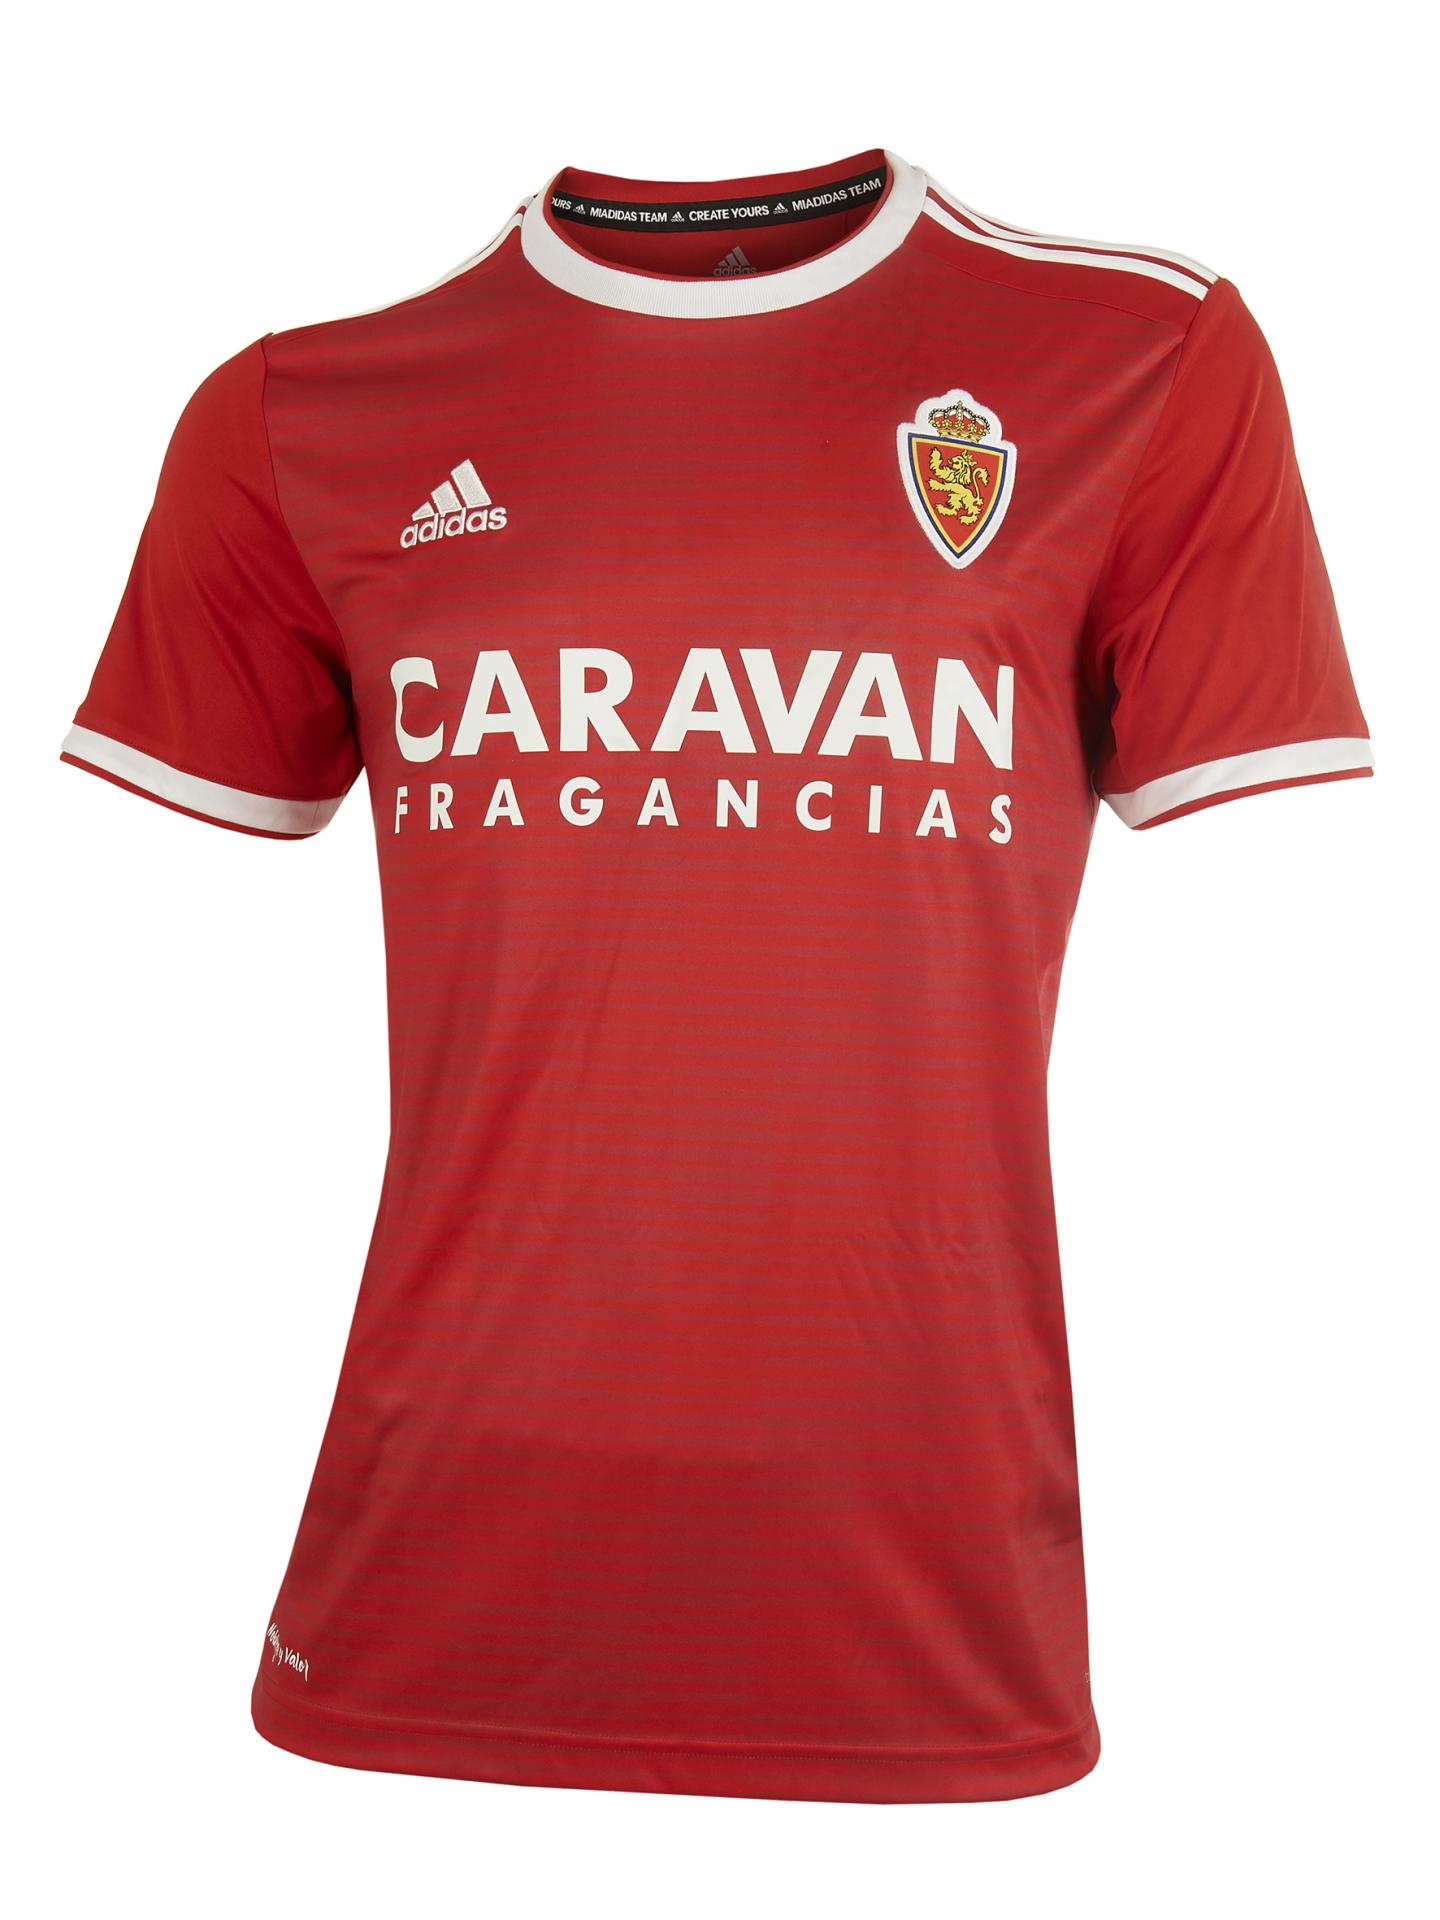 Camiseta infantil segunda equipación 2018-2019